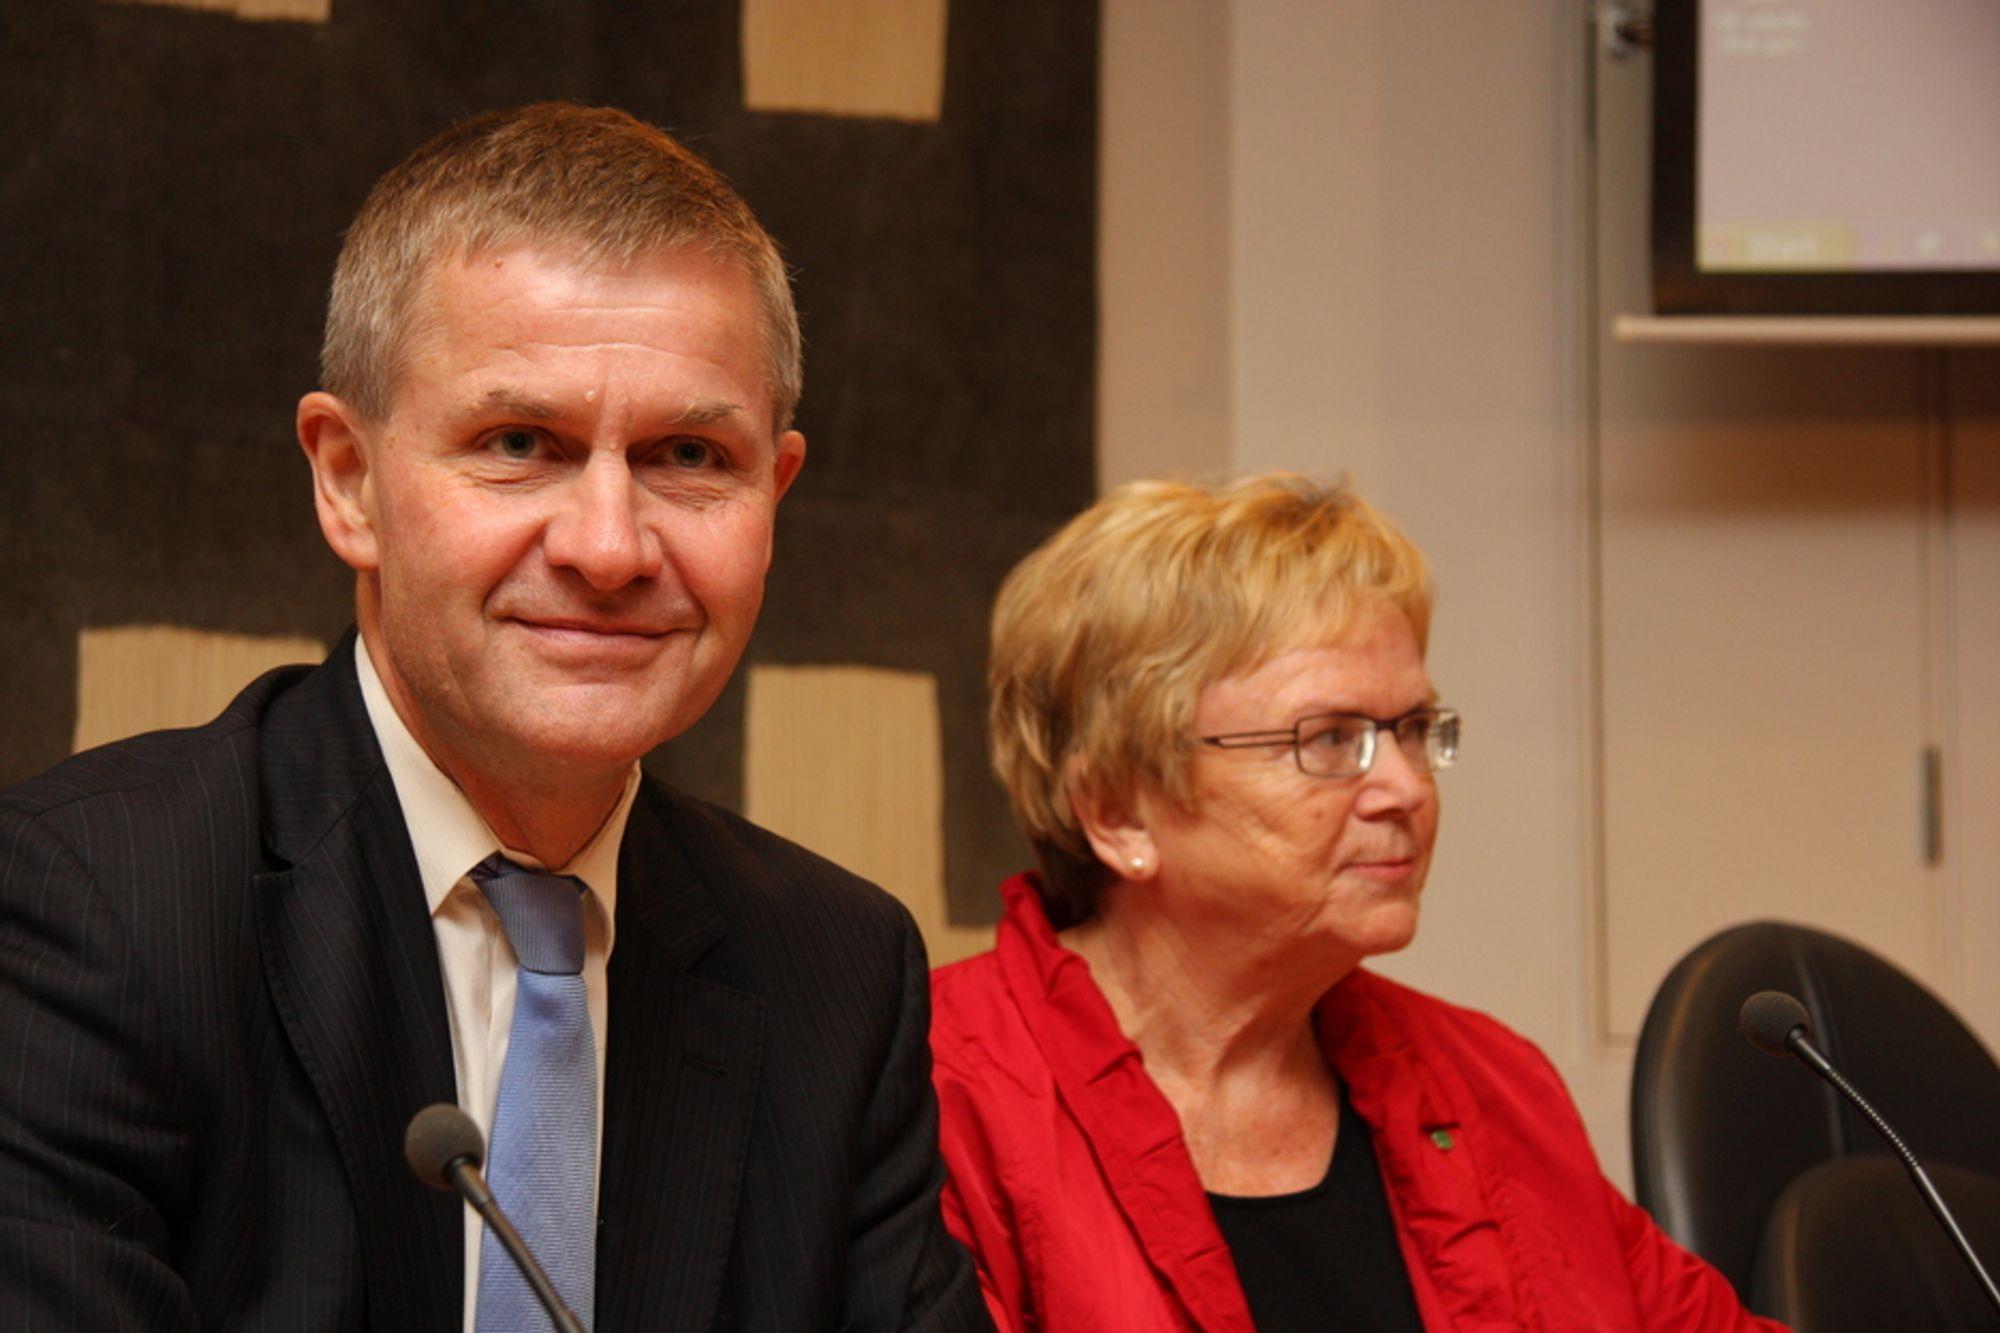 BEDRE LUFT: Regjeringen, her ved miljøvernminister Erik Solheim og samferdselsminister Magnhild Meltveit Kleppa vil gi byboere bedre luft.